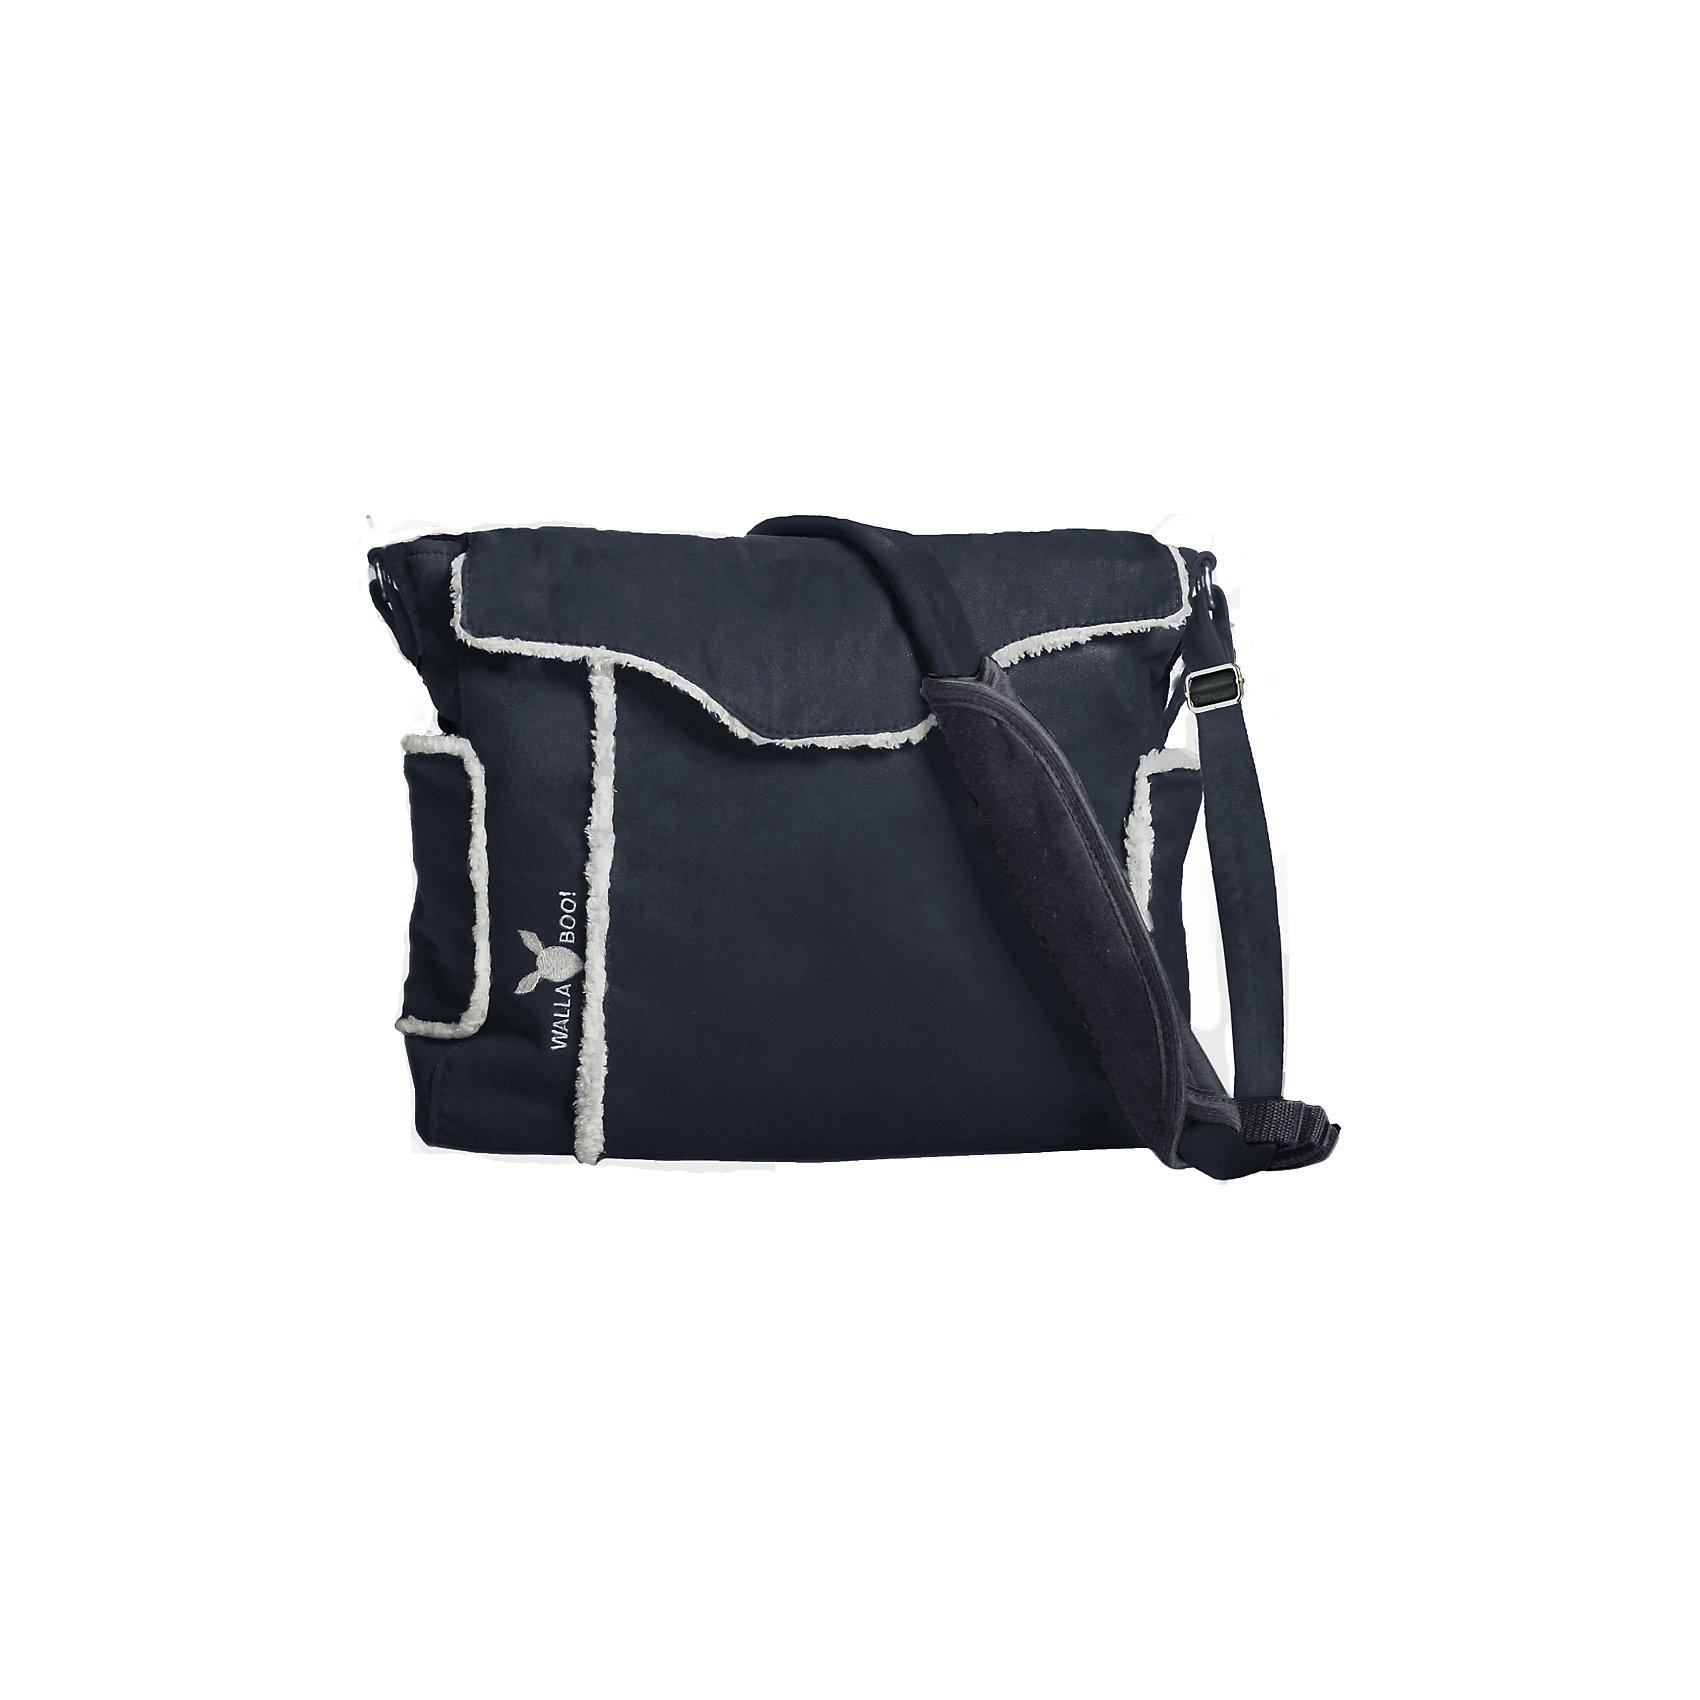 Сумка для мамы, Wallaboo, чёрныйСумка для мамы, Wallaboo (Валлабу), черная – это не только практичный, но и модный аксессуар, дополняющий стильный женский образ.<br>Сумка для мамы, Wallaboo сделана из красивой микроволокнистой замши в сочетании с декоративной отделкой из искусственного меха под шкурку ягненка — эта сумка дополнит гардероб стильной и современной мамы. <br>Каждая вещь для ухода за Вашим малышом найдет свое место. У сумки 5 карманов с молниями и без, 2 больших внутренних отделения. Сумка отлично сочетается с другими товарами от Wallaboo для детей, составляя стильные комплекты (конверты Лепесток, слинги и рюкзаки-переноски). Можно носить сумку на плече или легко пристегнуть на ручку коляски. Вы не сможете расстаться с этой стильной и удобной сумкой, даже когда Ваш малыш подрастет. Высокое качество производства изделий Wallaboo (Валлабу) позволит пользоваться сумкой очень долго!<br><br>Дополнительная информация:<br><br>- В комплекте: термо-карман для бутылочки, мягкий матрасик для смены подгузника, отдельная сумочка на «молнии» (можно использовать для чистых подгузников)<br>- Регулируемый ремень с мягкой вставкой для плеча<br>- Непромокаемая внутренняя подкладка идеальна в уходе<br>- Размеры: 36 см х 30 см х 12 см.<br>- Размеры в упаковке: 40х32х7 см.<br>- Вес изделия с упаковкой: 0,920 кг.<br><br>Сумку для мамы, Wallaboo (Валлабу), чёрную можно купить в нашем интернет-магазине.<br><br>Ширина мм: 400<br>Глубина мм: 320<br>Высота мм: 70<br>Вес г: 850<br>Цвет: черный<br>Возраст от месяцев: 0<br>Возраст до месяцев: 36<br>Пол: Унисекс<br>Возраст: Детский<br>SKU: 3973311